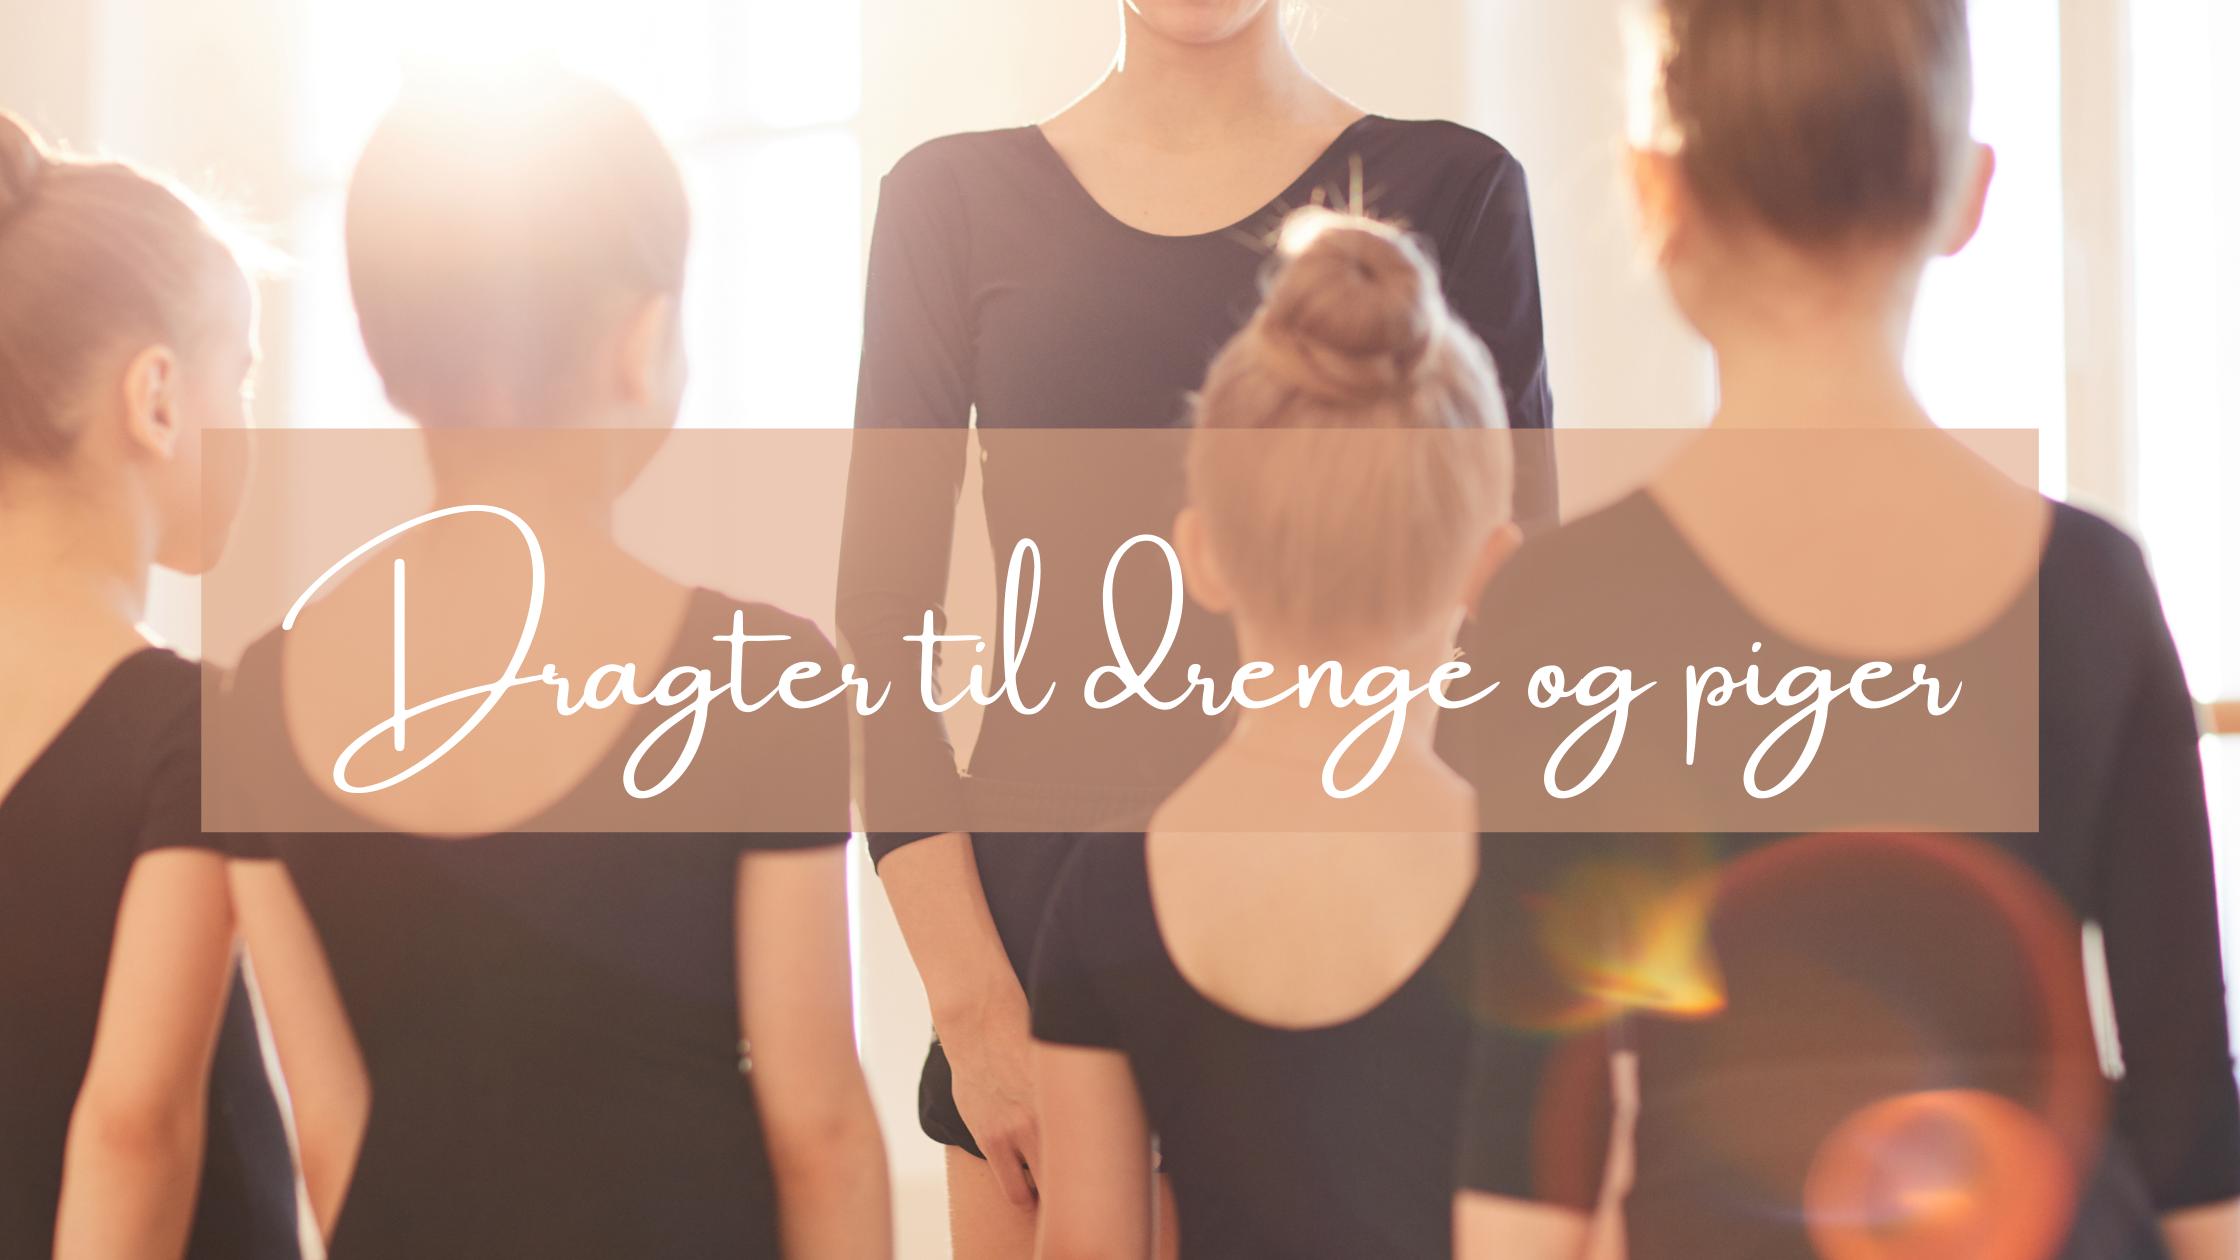 Read more about the article Dragter til drenge og piger